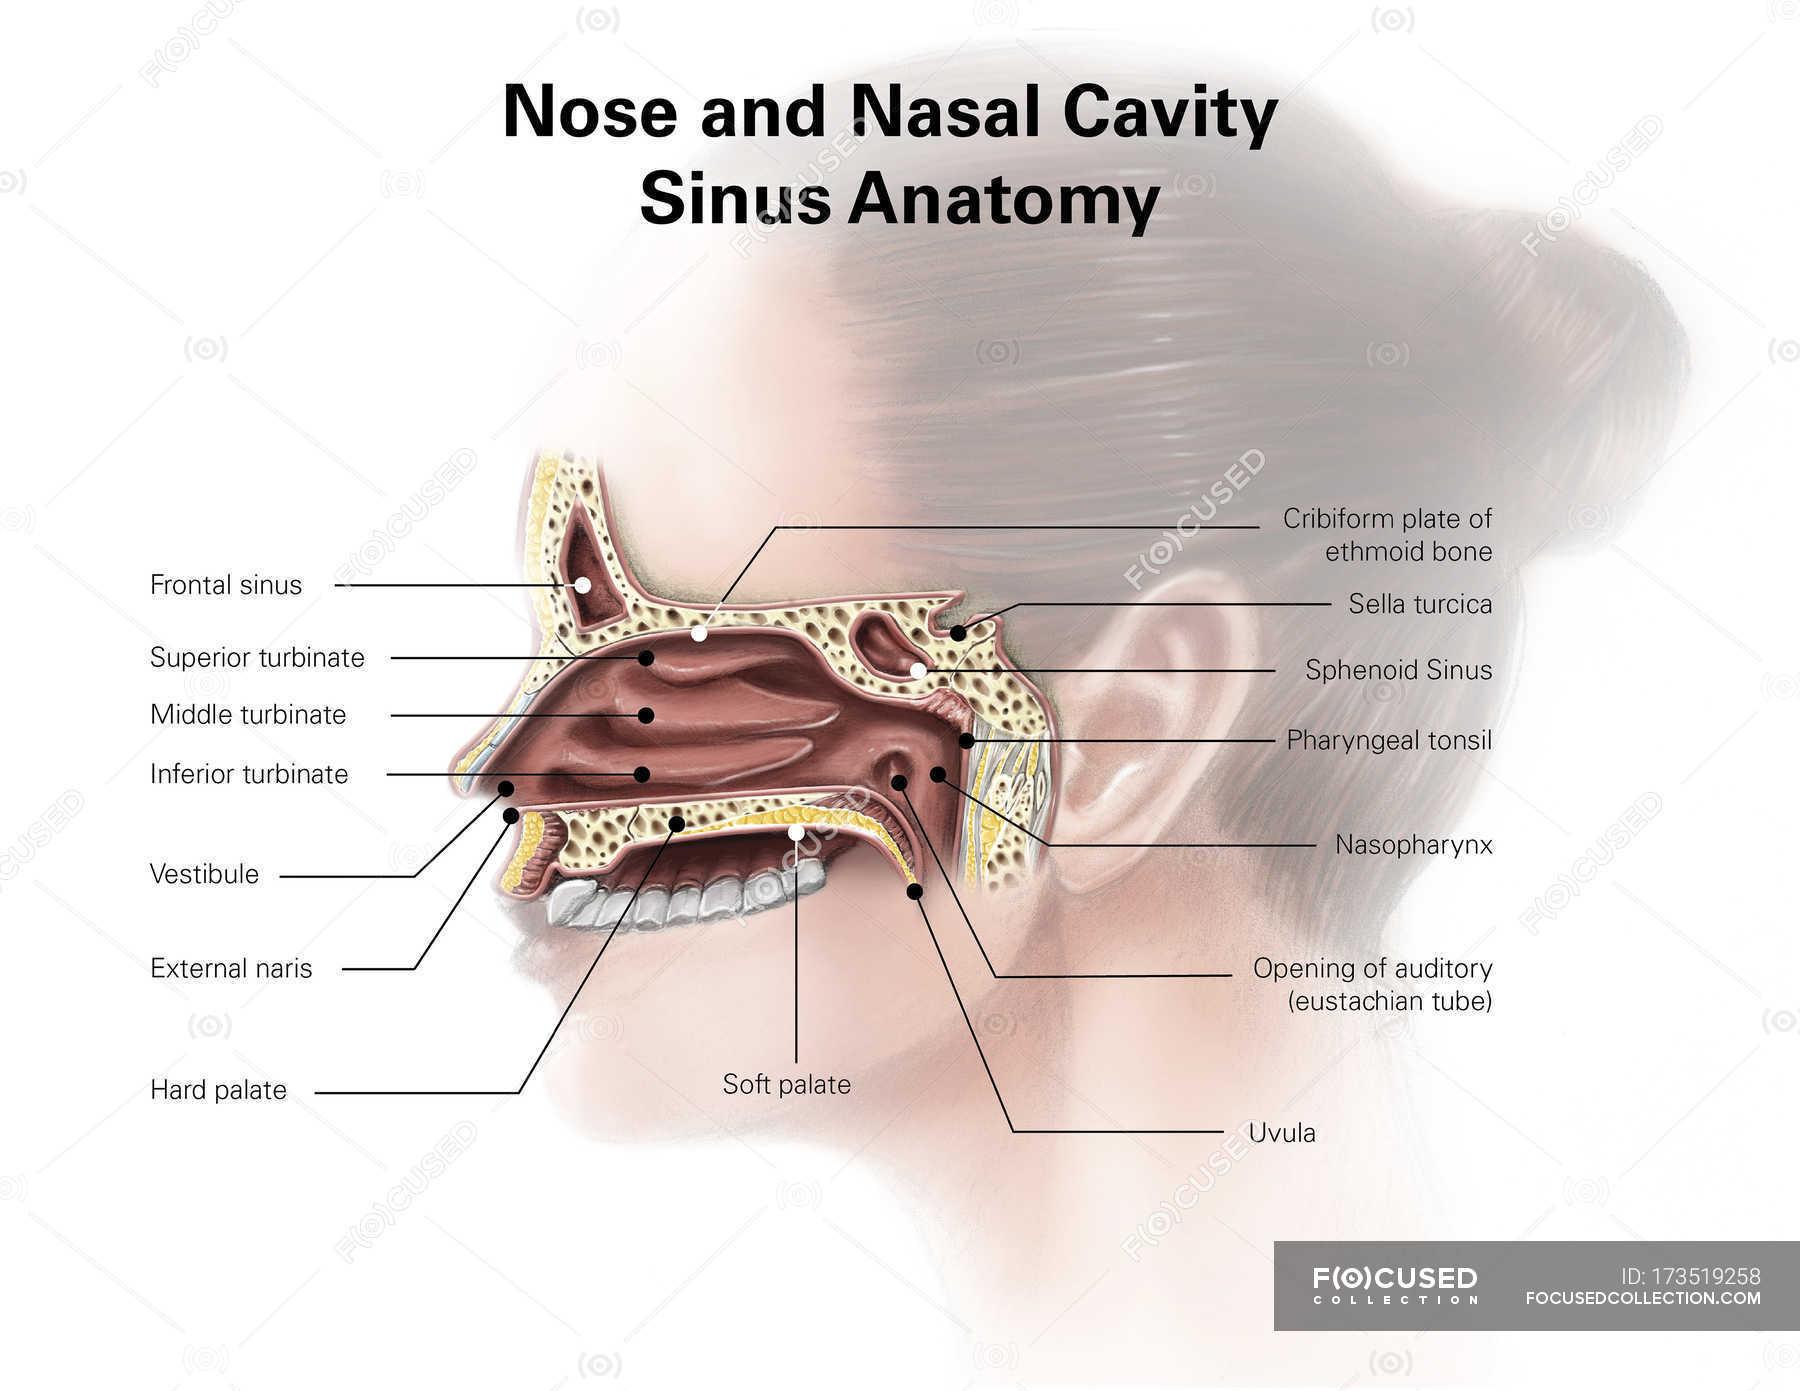 Nase und Nebenhöhlen Anatomie der Nasenhöhle — Stockfoto | #173519258